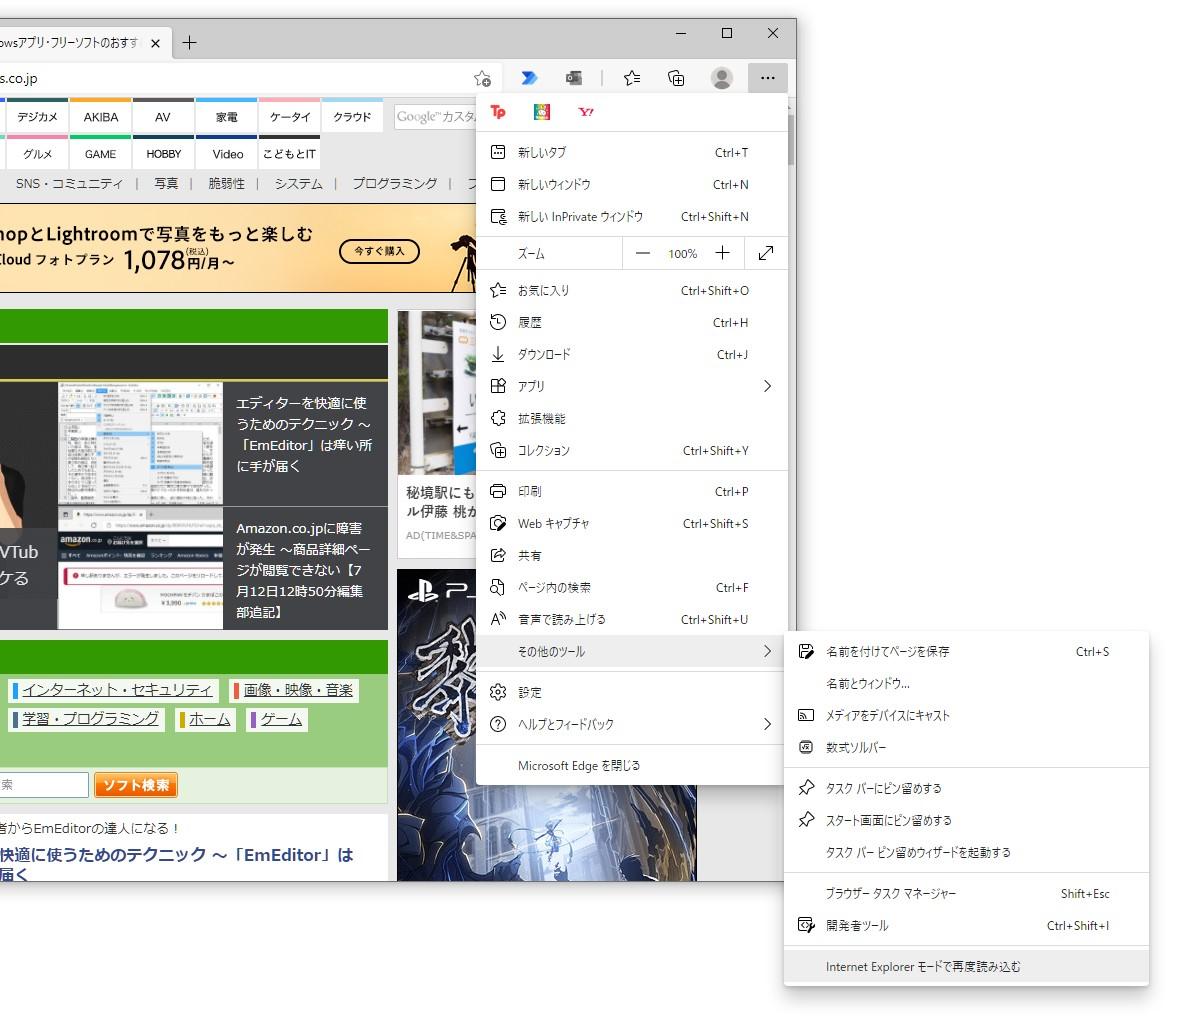 「IE モード」で閲覧したいページを開いた状態で、[…]-[その他のツール]-[Internet Explorer モードでサイド読み込む]メニューを実行